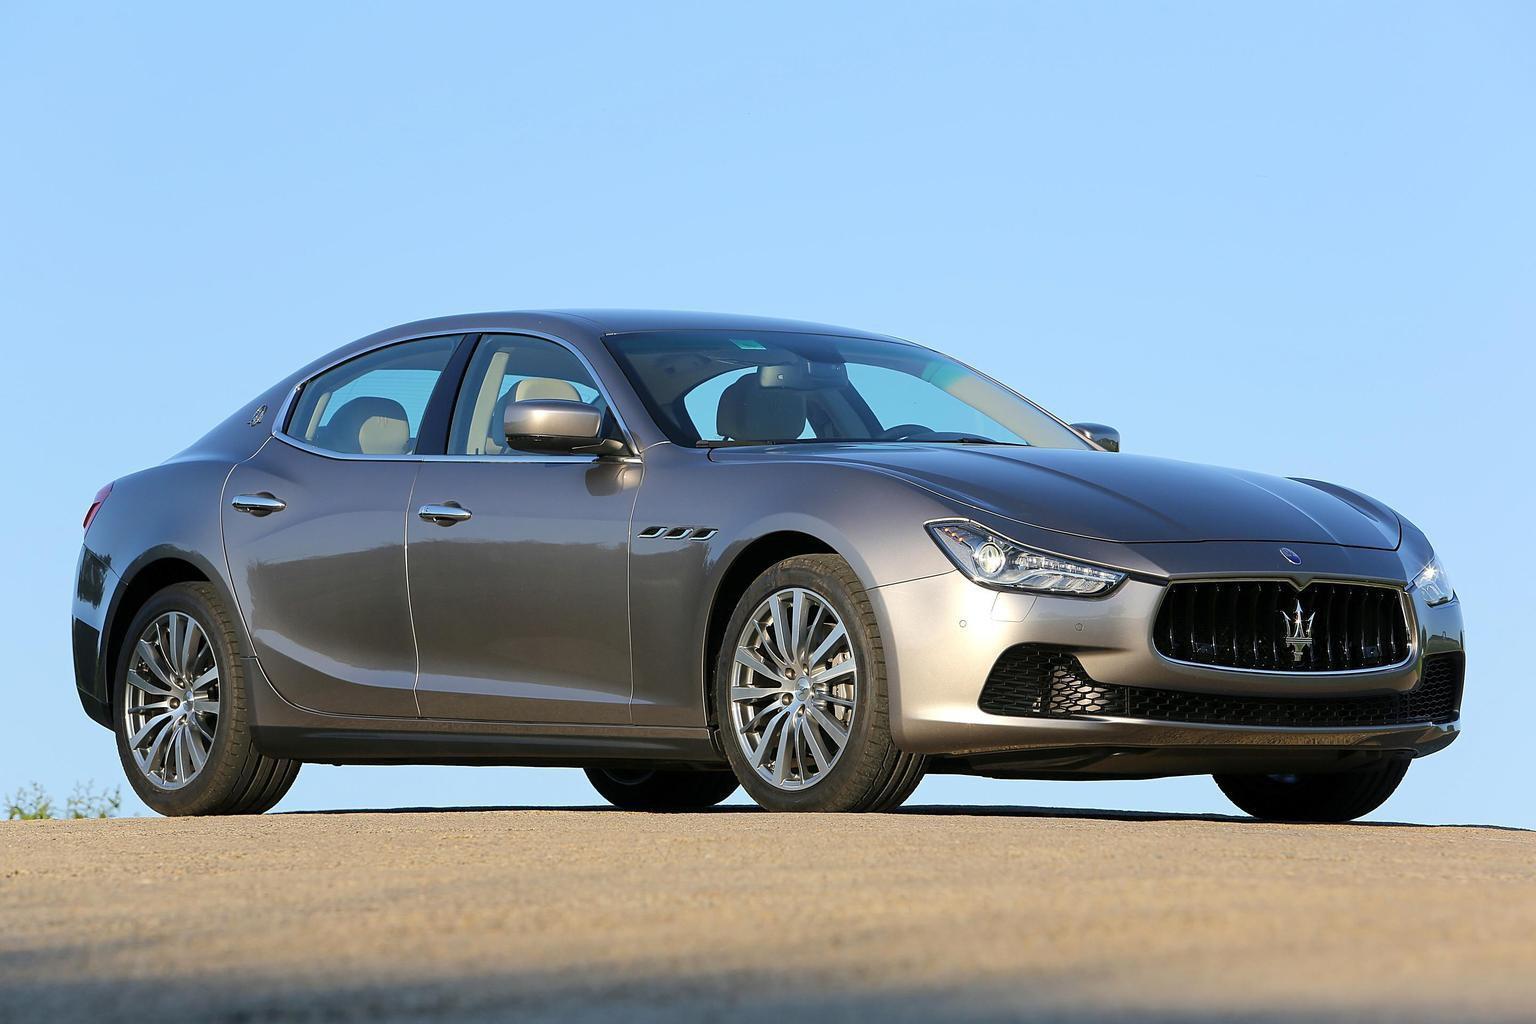 2013 Maserati Ghibli exclusive preview